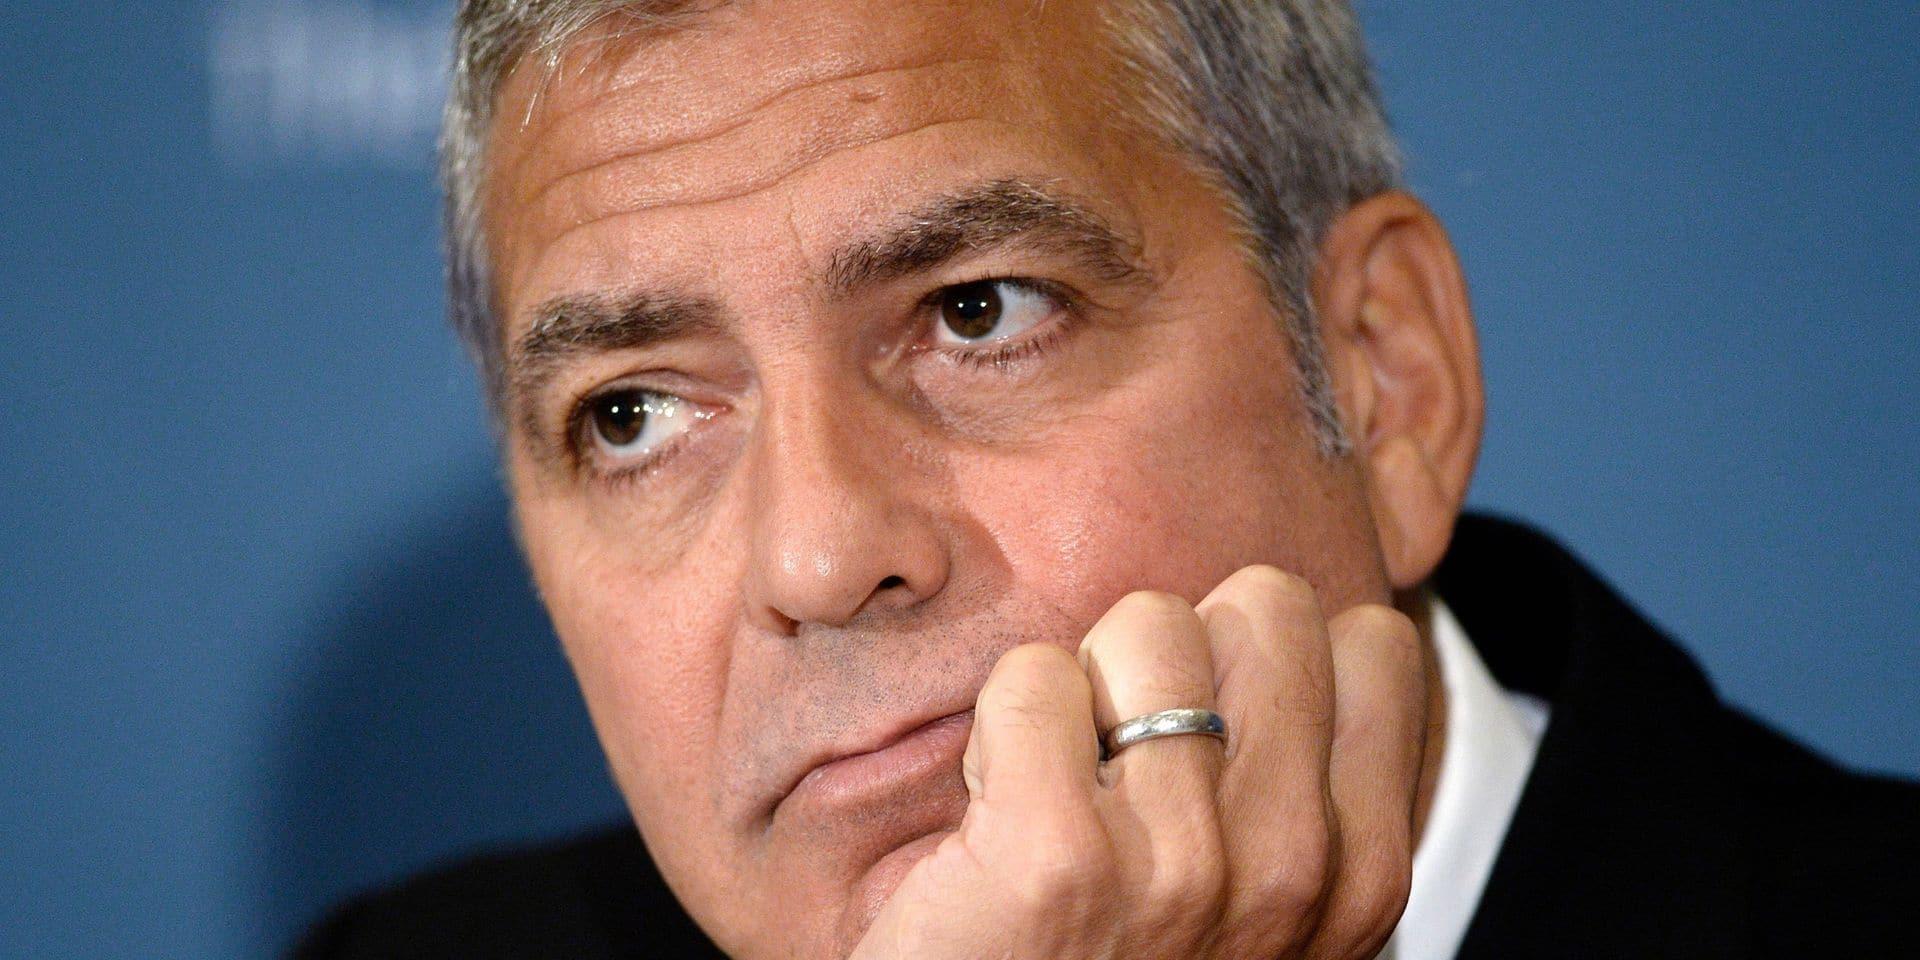 Scandale chez Nespresso, George Clooney réagit